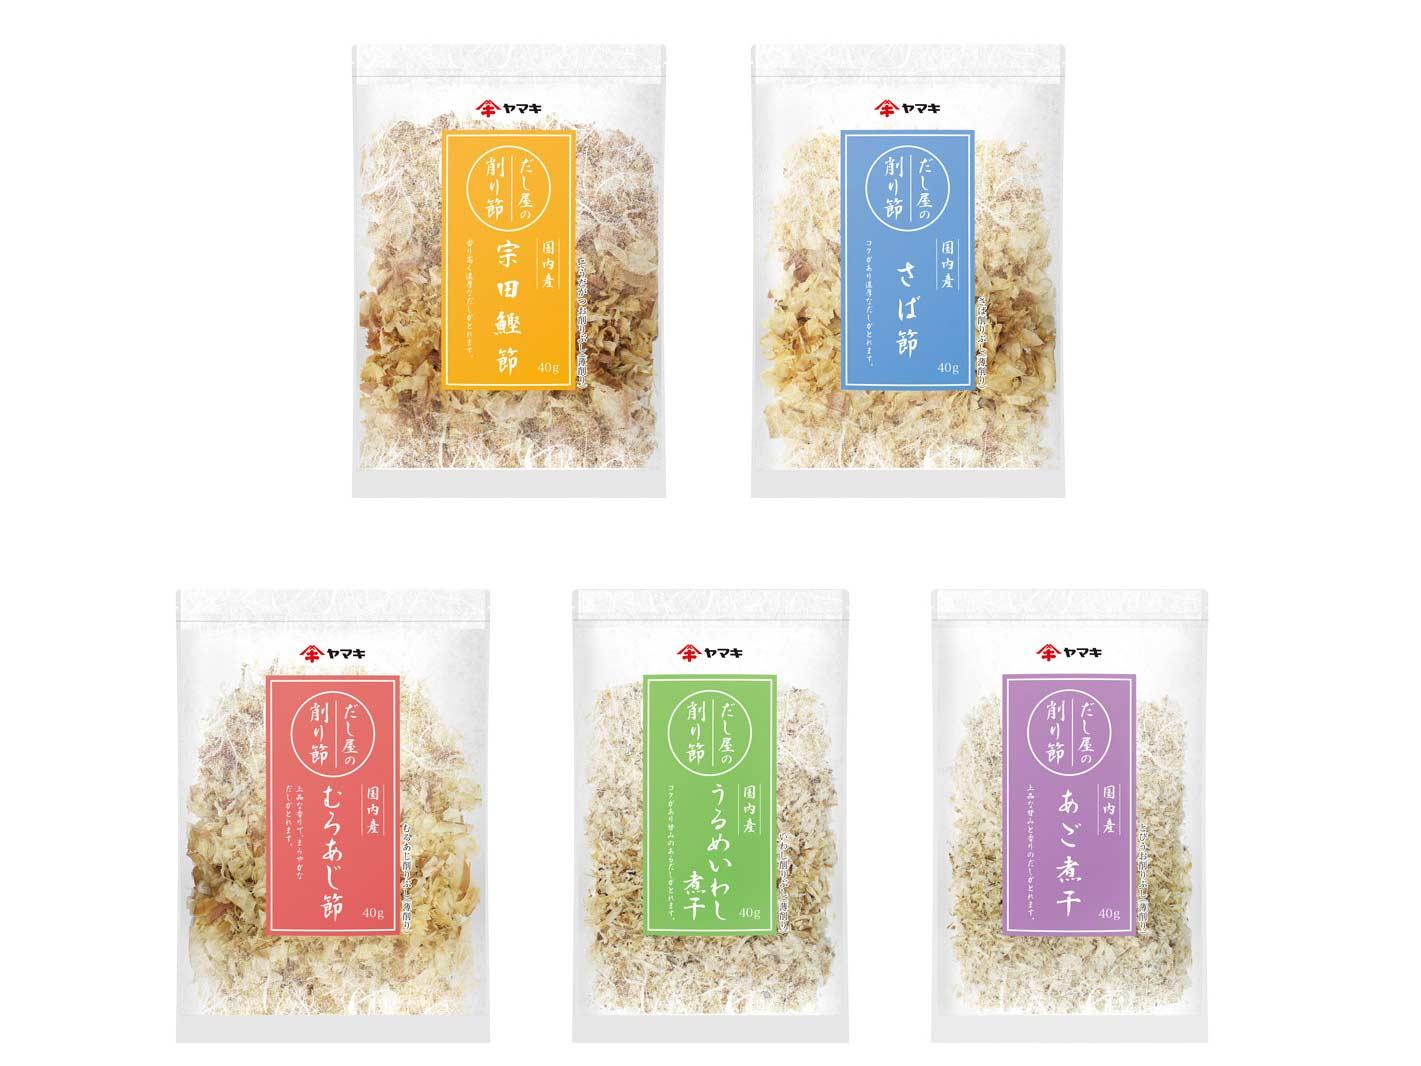 ヤマキ 国内産原料使用の5種類の削り節セット